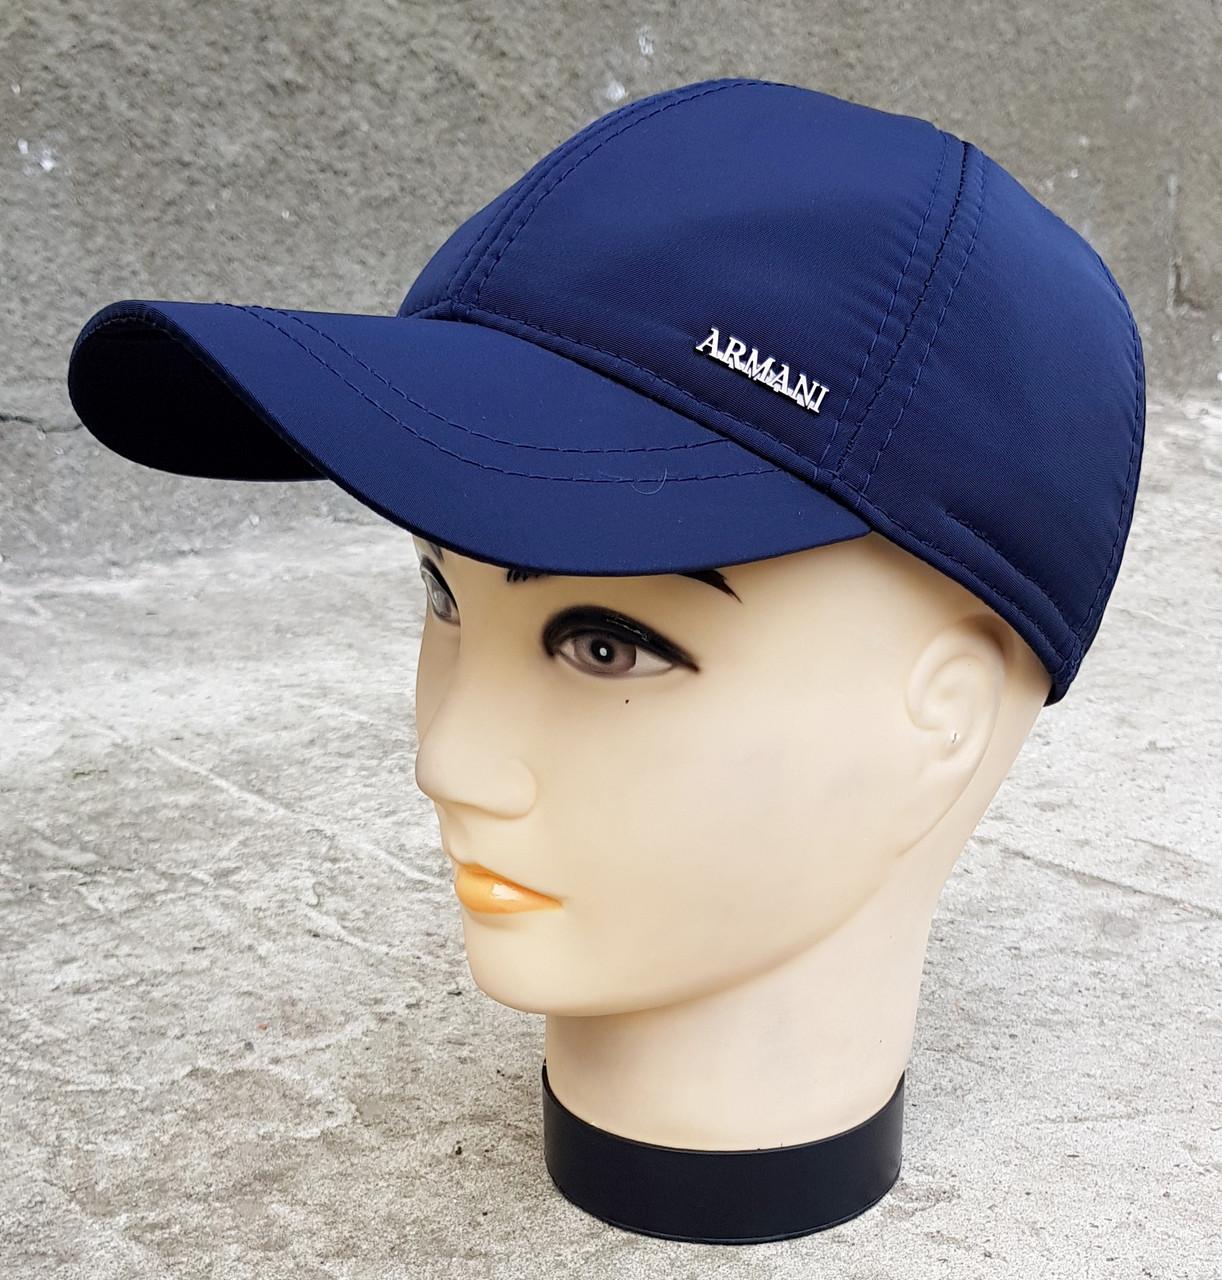 Мужская демисезонная кепка Клаус Армани Плащевка Темно-синяя(386 МД) L